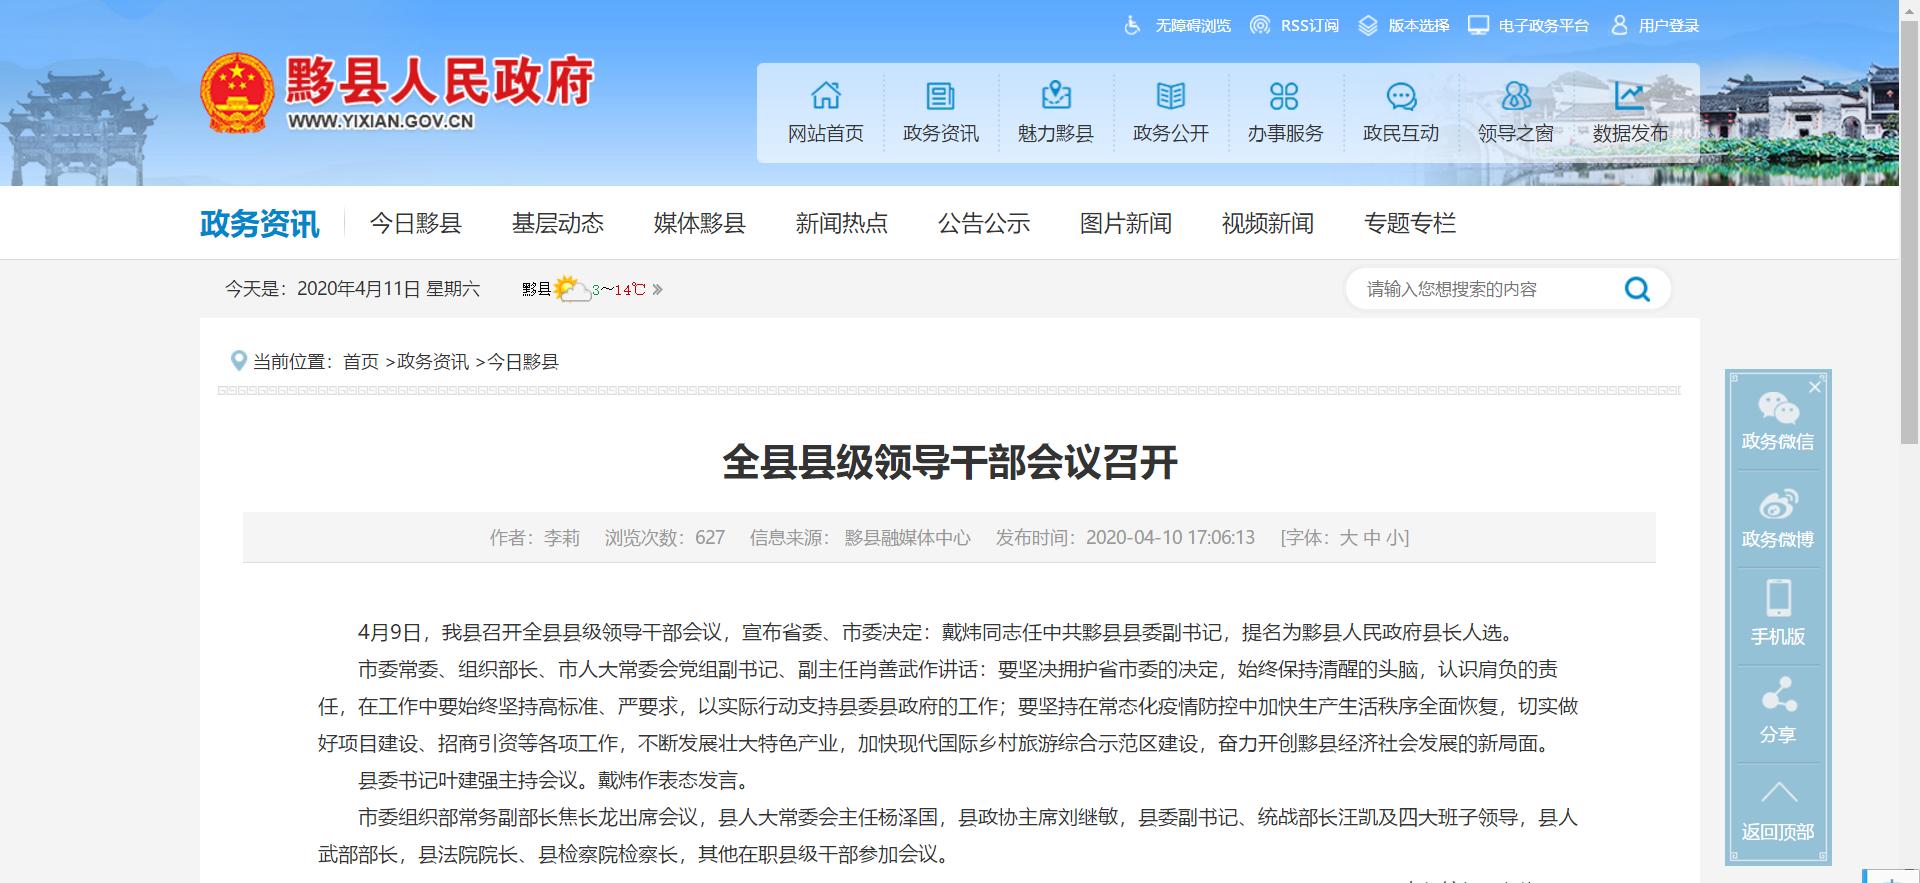 戴炜被提名为黟县县委副书记,担任黟县